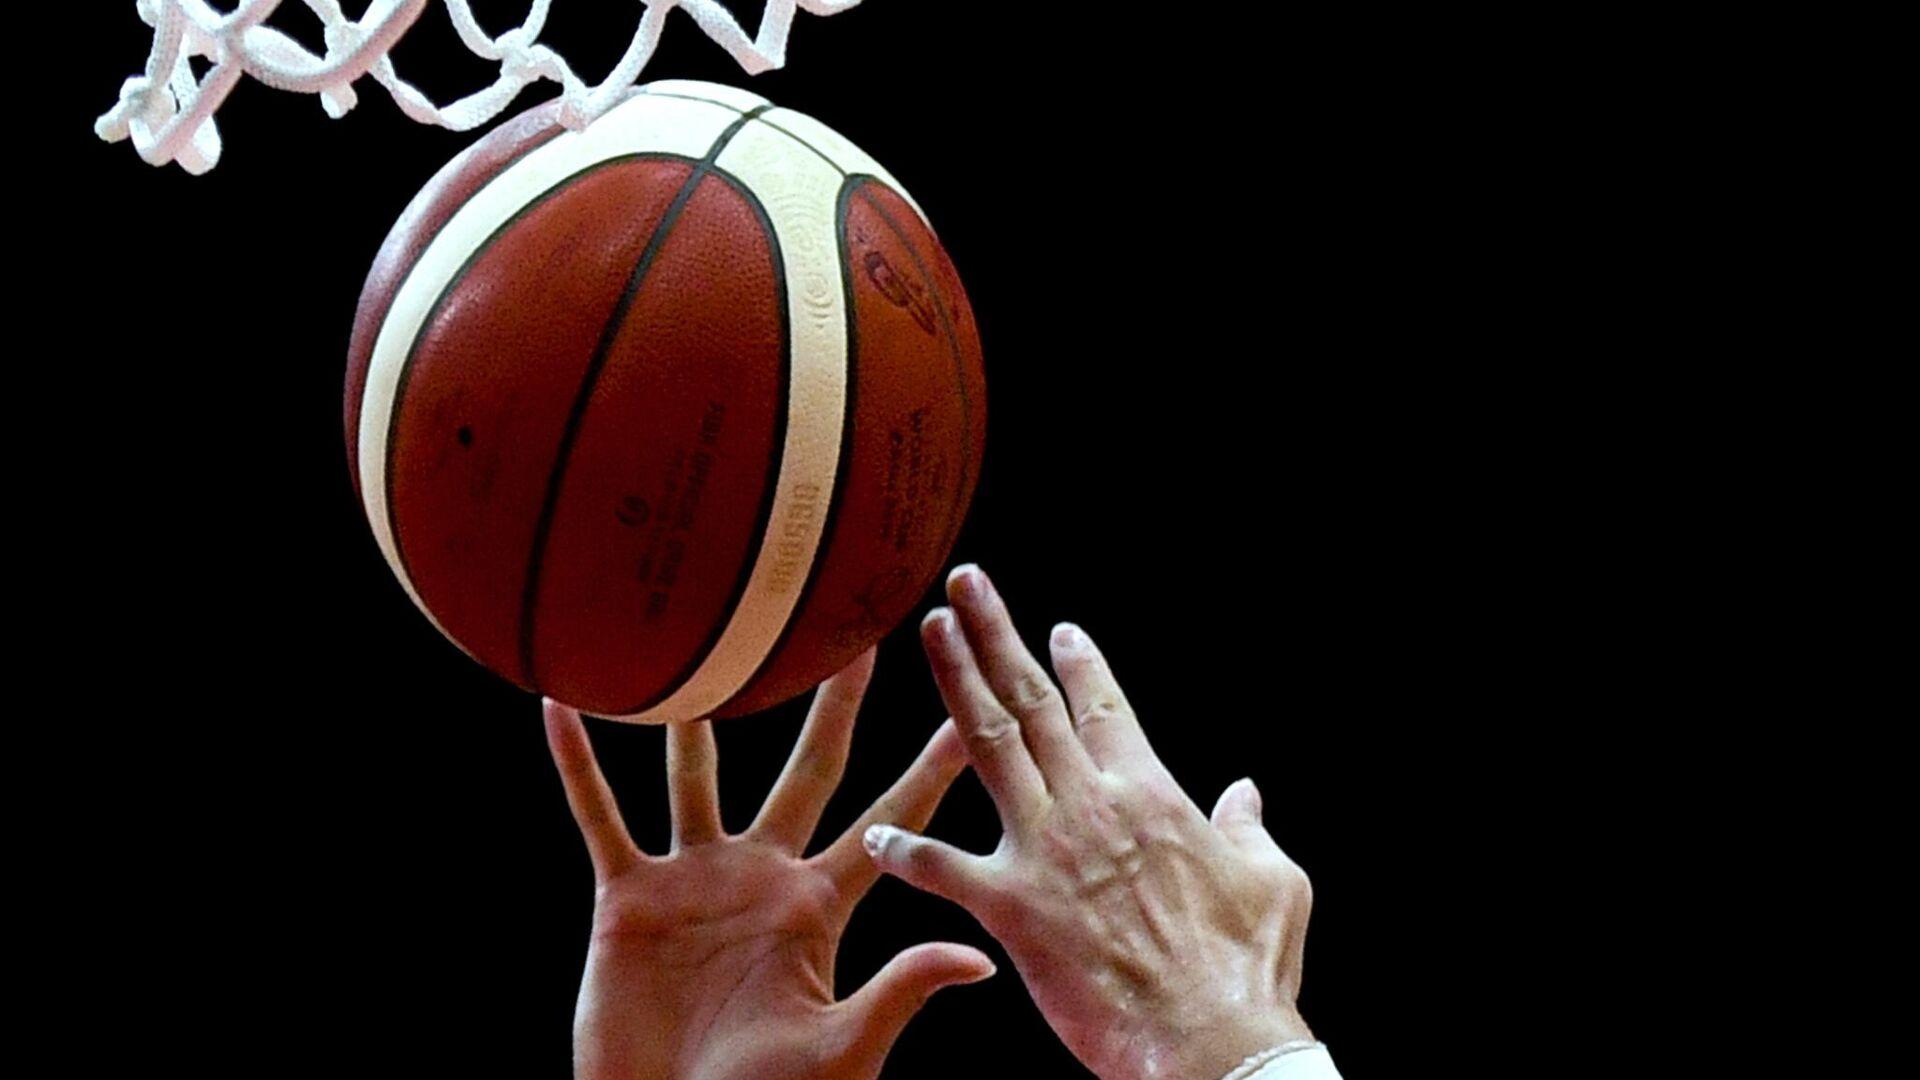 Баскетбол - РИА Новости, 1920, 31.01.2020